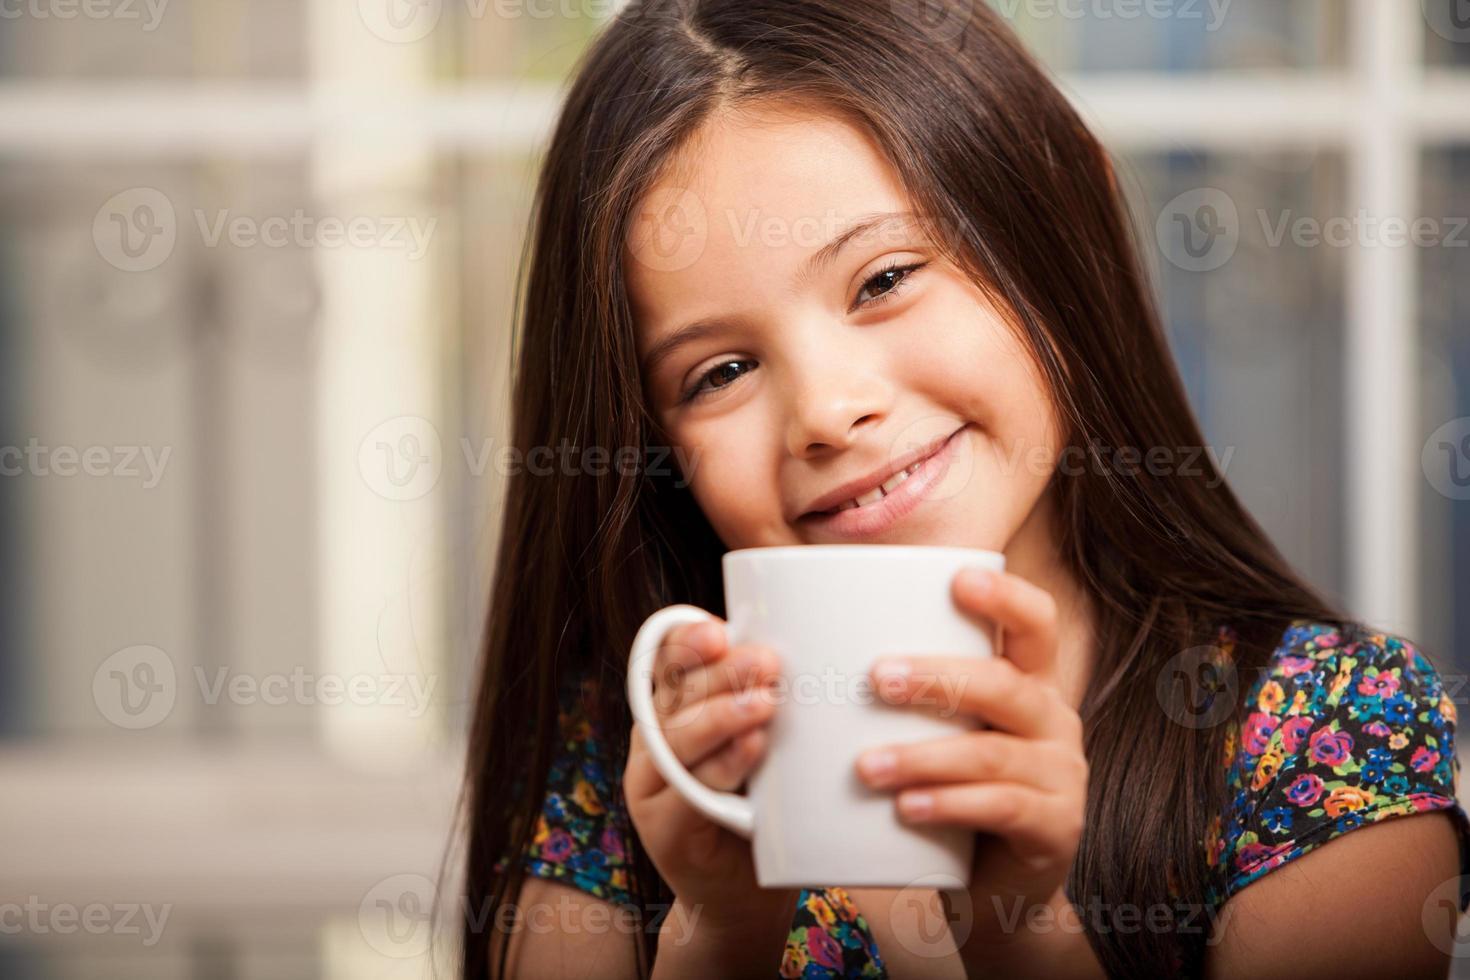 ragazza felice che beve cioccolato foto